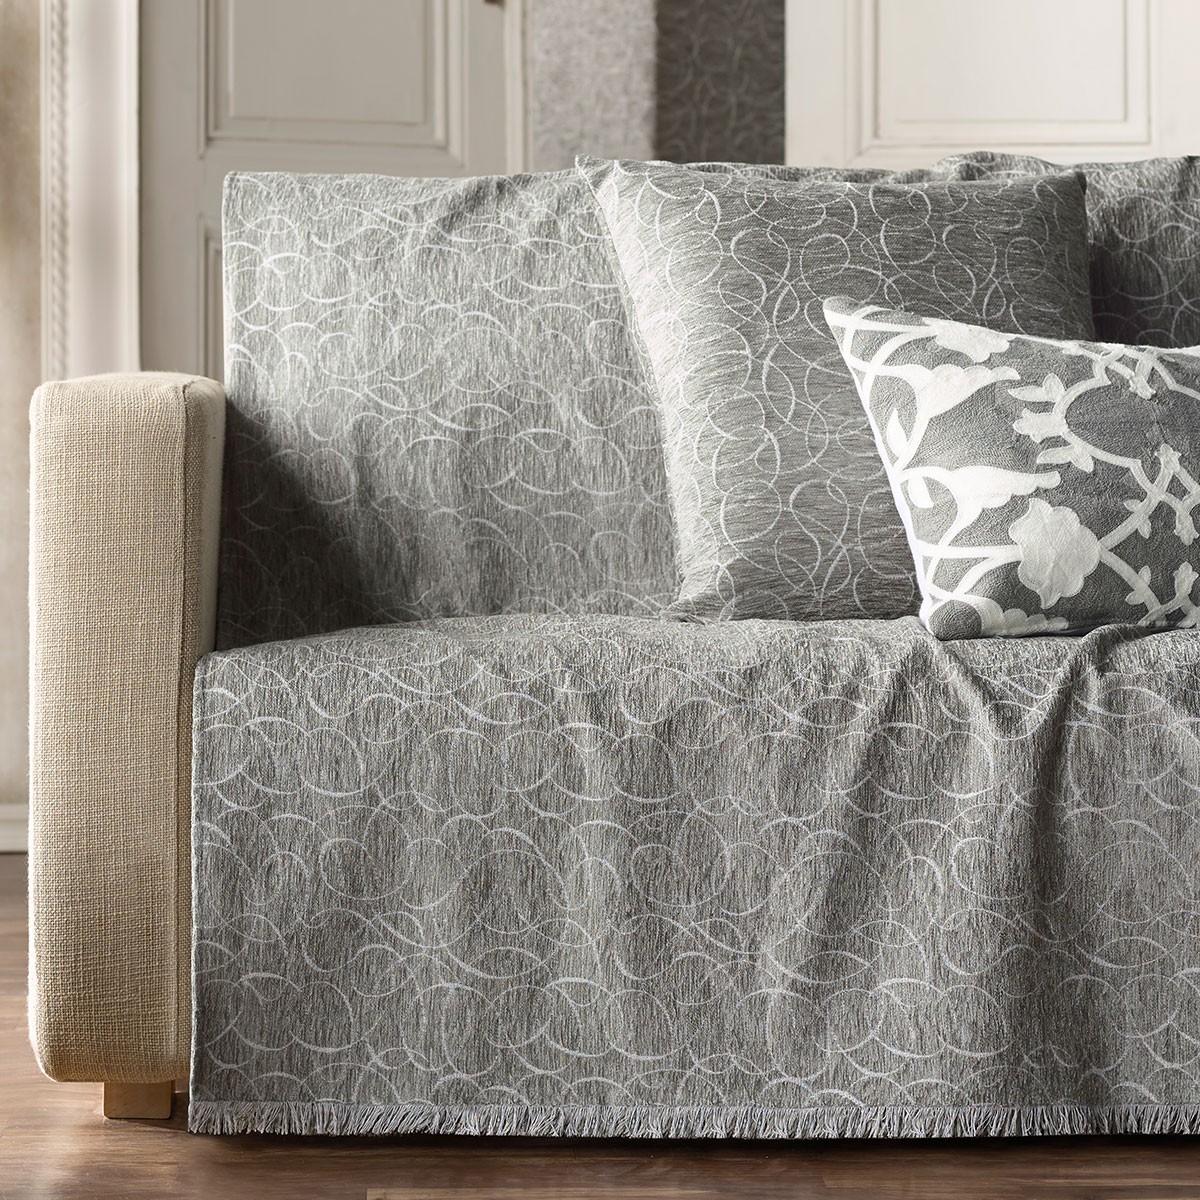 Ριχτάρι Τετραθέσιου (180x350) Gofis Home Scribble Grey 595/15